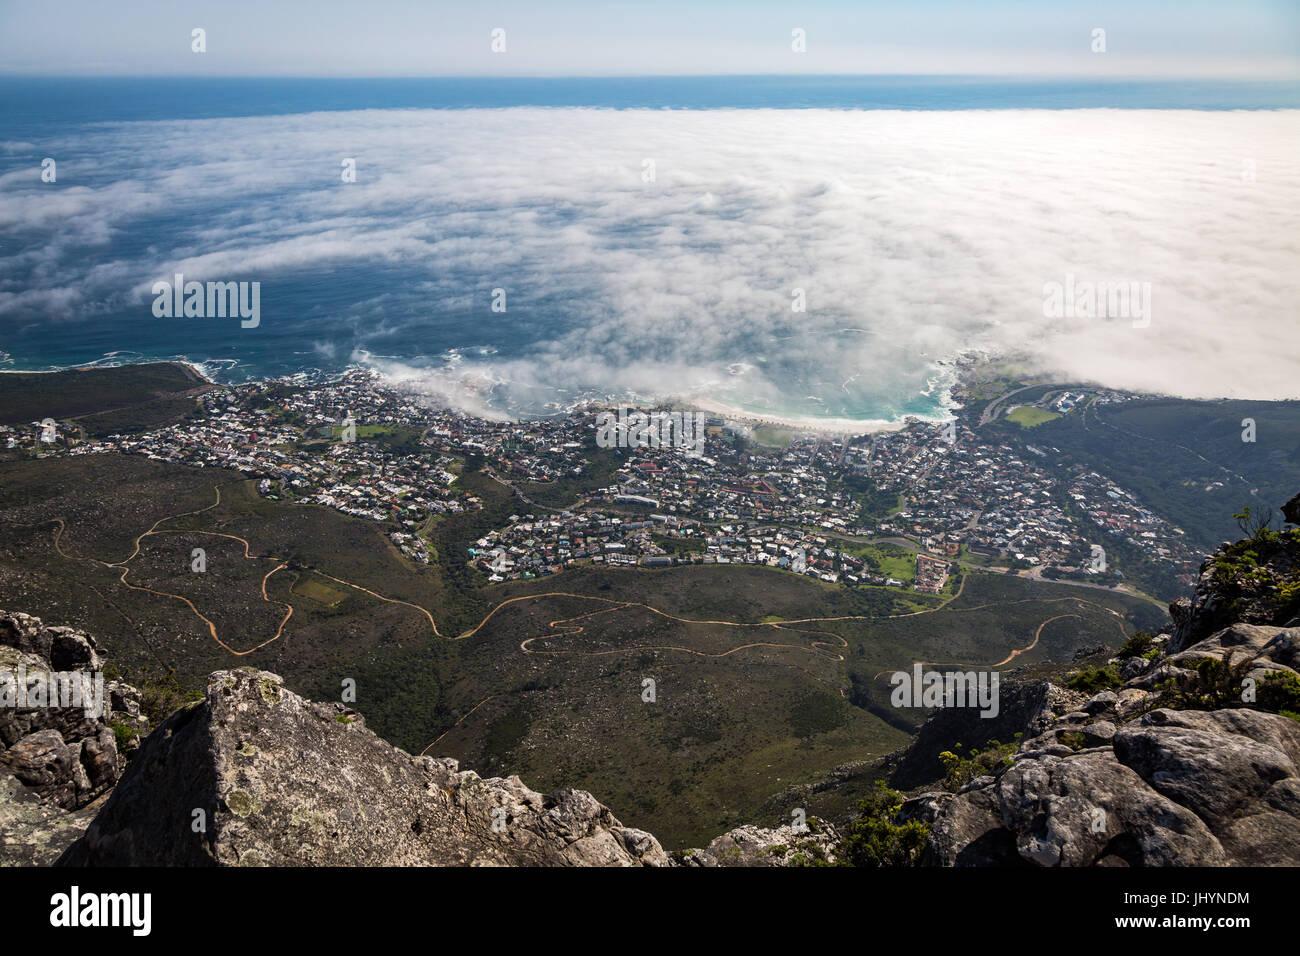 La vista desde la montaña de la mesa más de Camps Bay cubierto con nubes bajas, Cape Town, Sudáfrica, Imagen De Stock